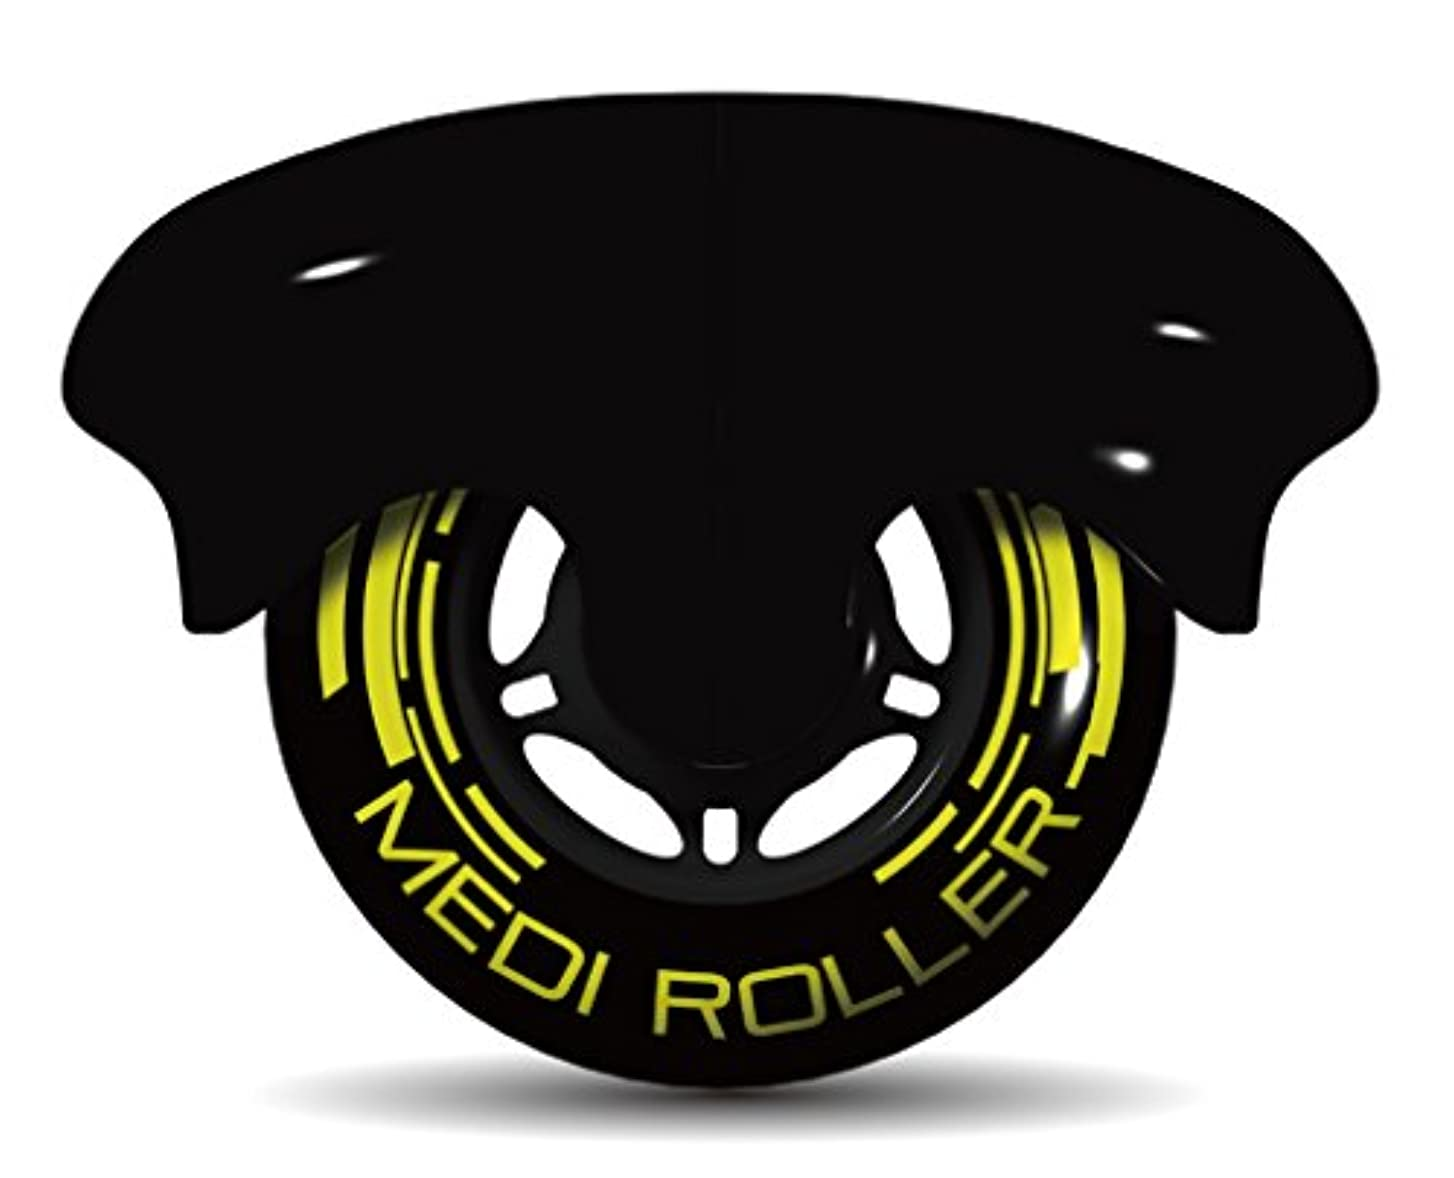 蓮苦情文句目立つMEDI ROLLER (メディローラー) 巾着付き 筋肉のコリを点で押すセルフローラー (ブラック)